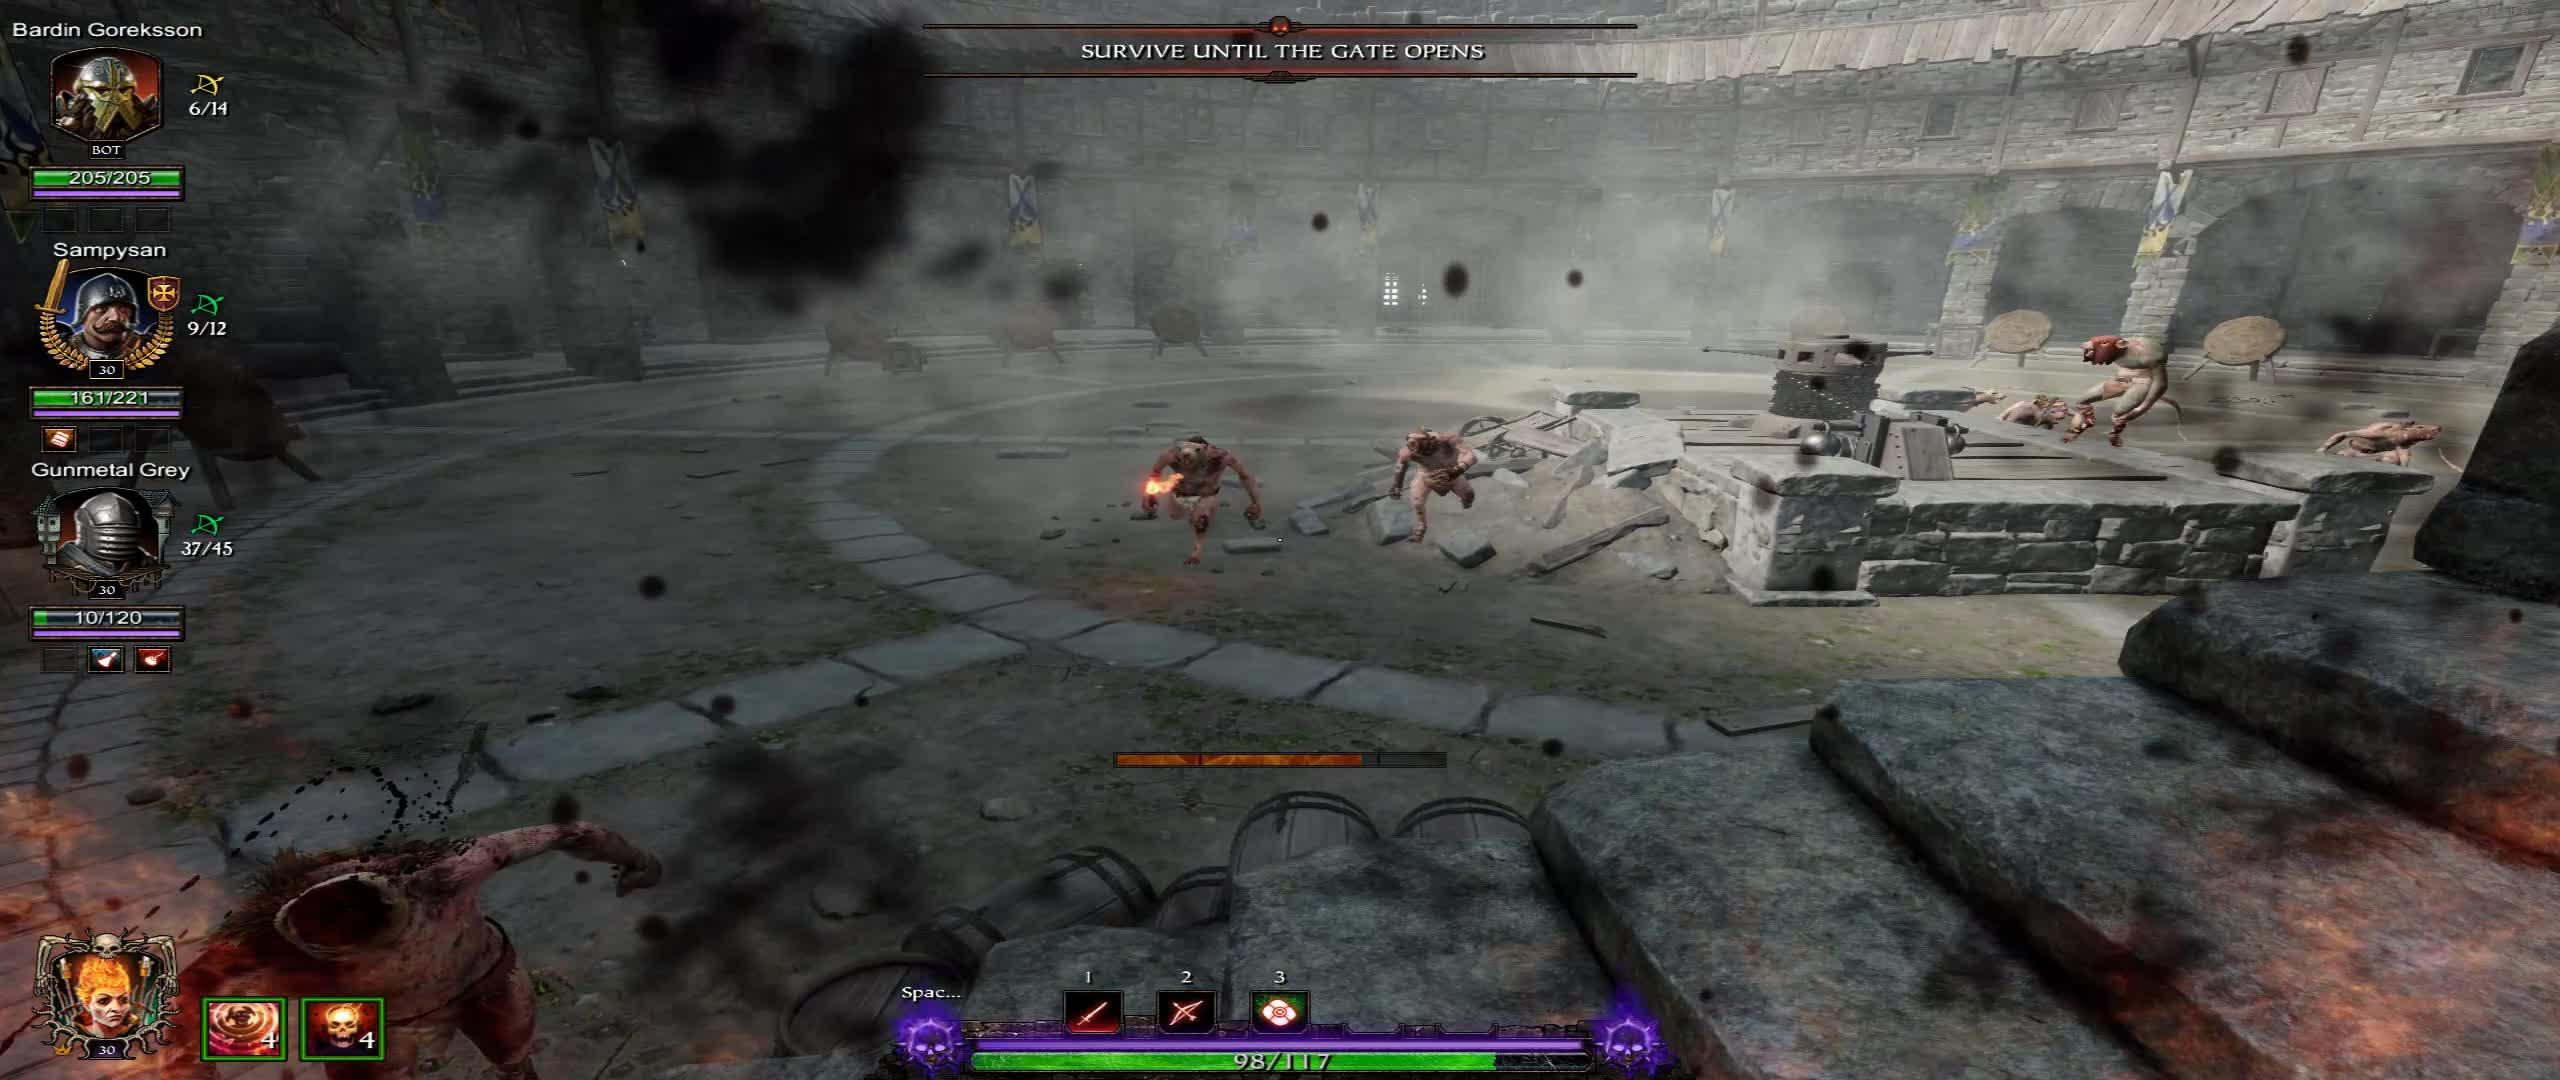 vermintide, Warhammer Vermintide 2 2018.11.08 - 22.22.25.03.DVR GIFs